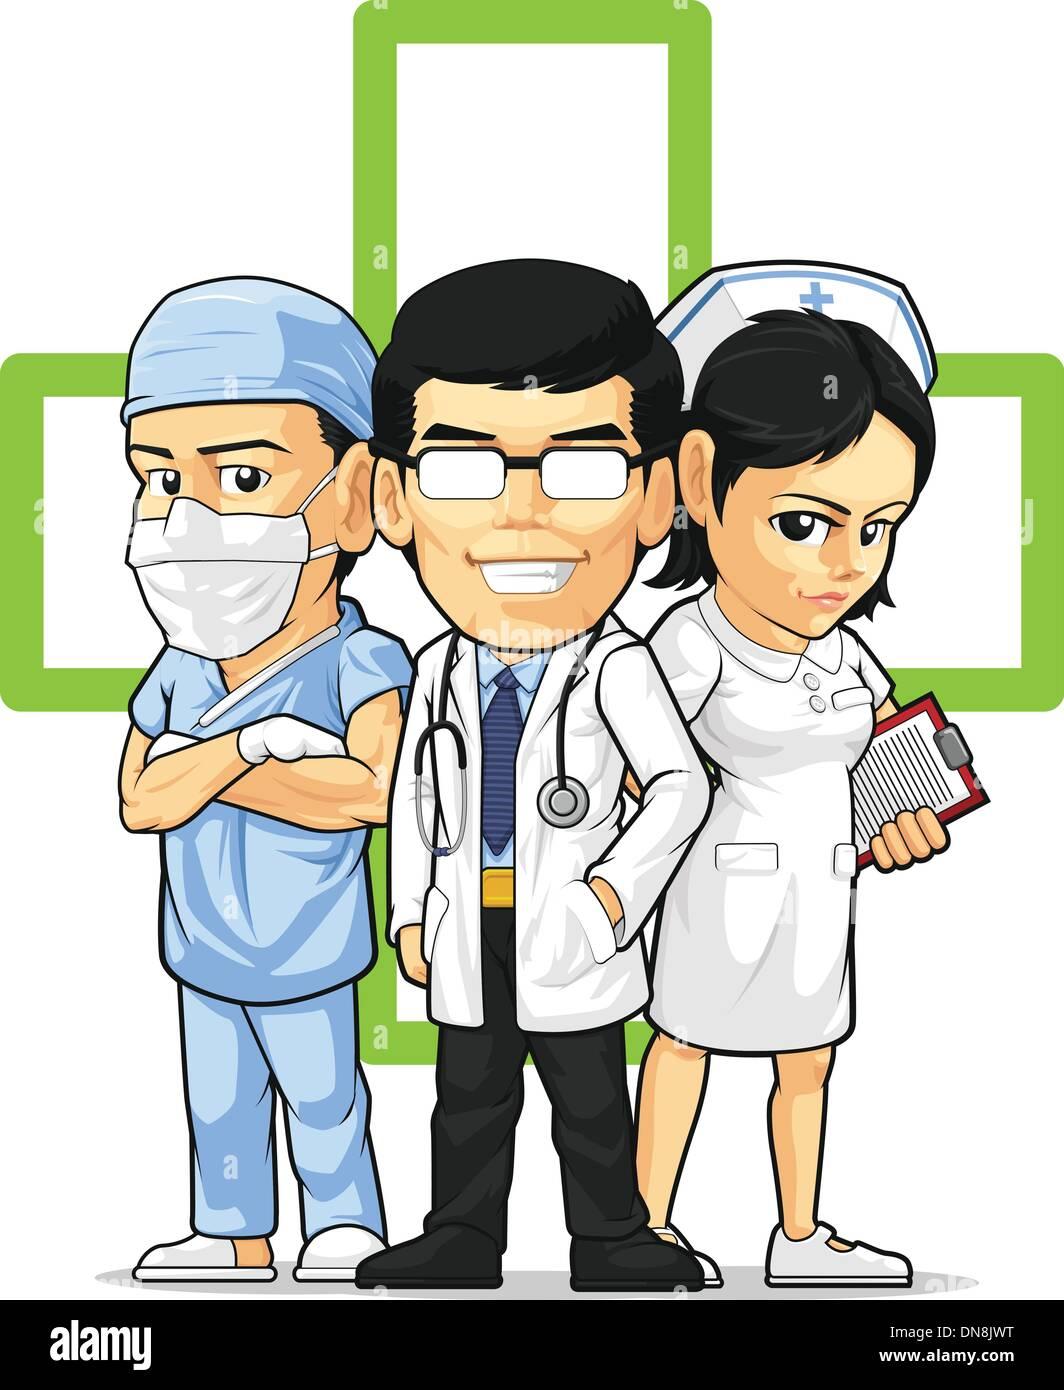 Les soins de santé ou du personnel médical - Médecin, Infirmière, chirurgien et Photo Stock